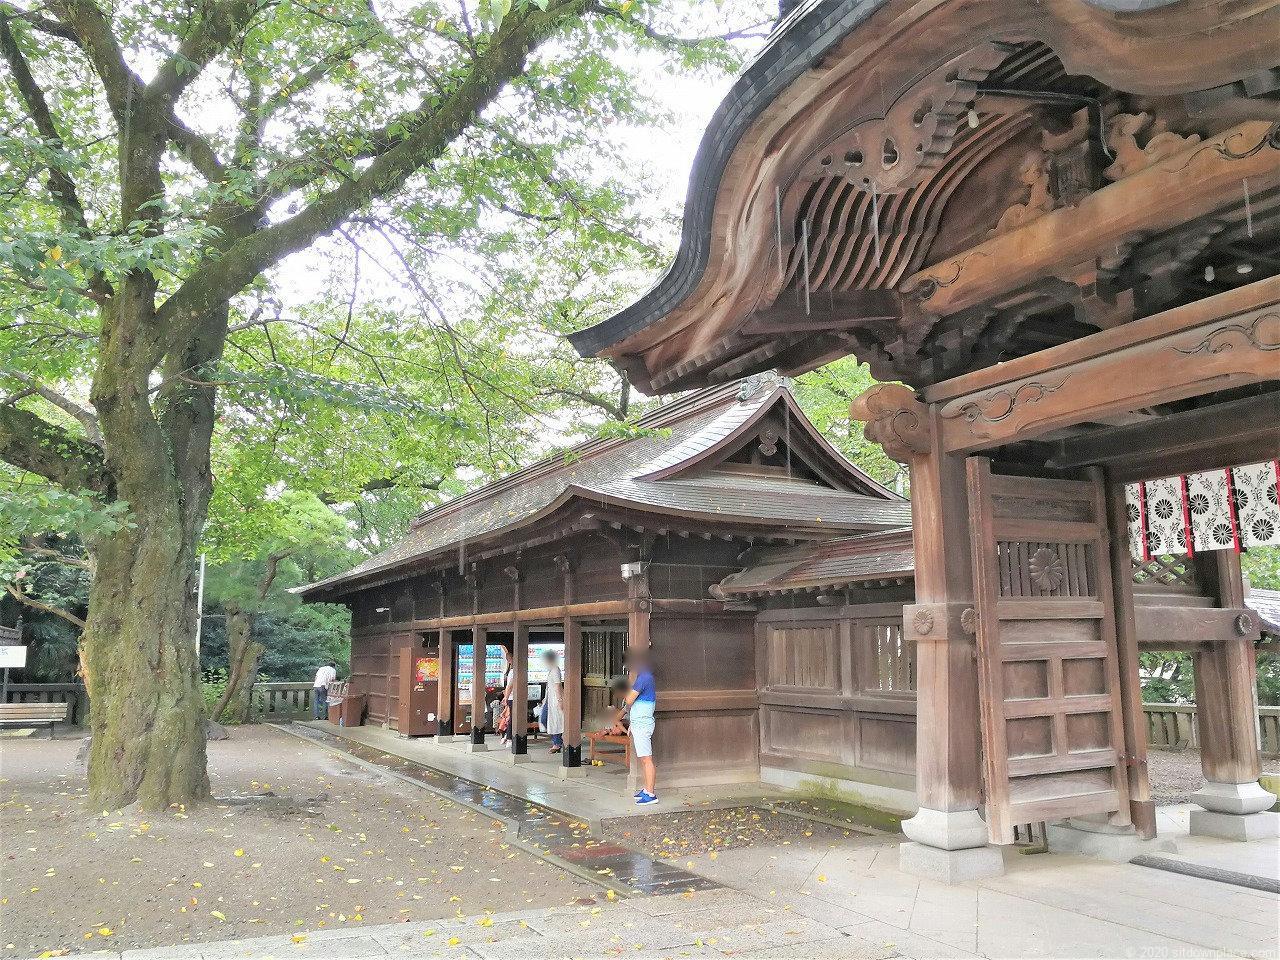 東武宇都宮駅 二荒山神社のベンチと自動販売機